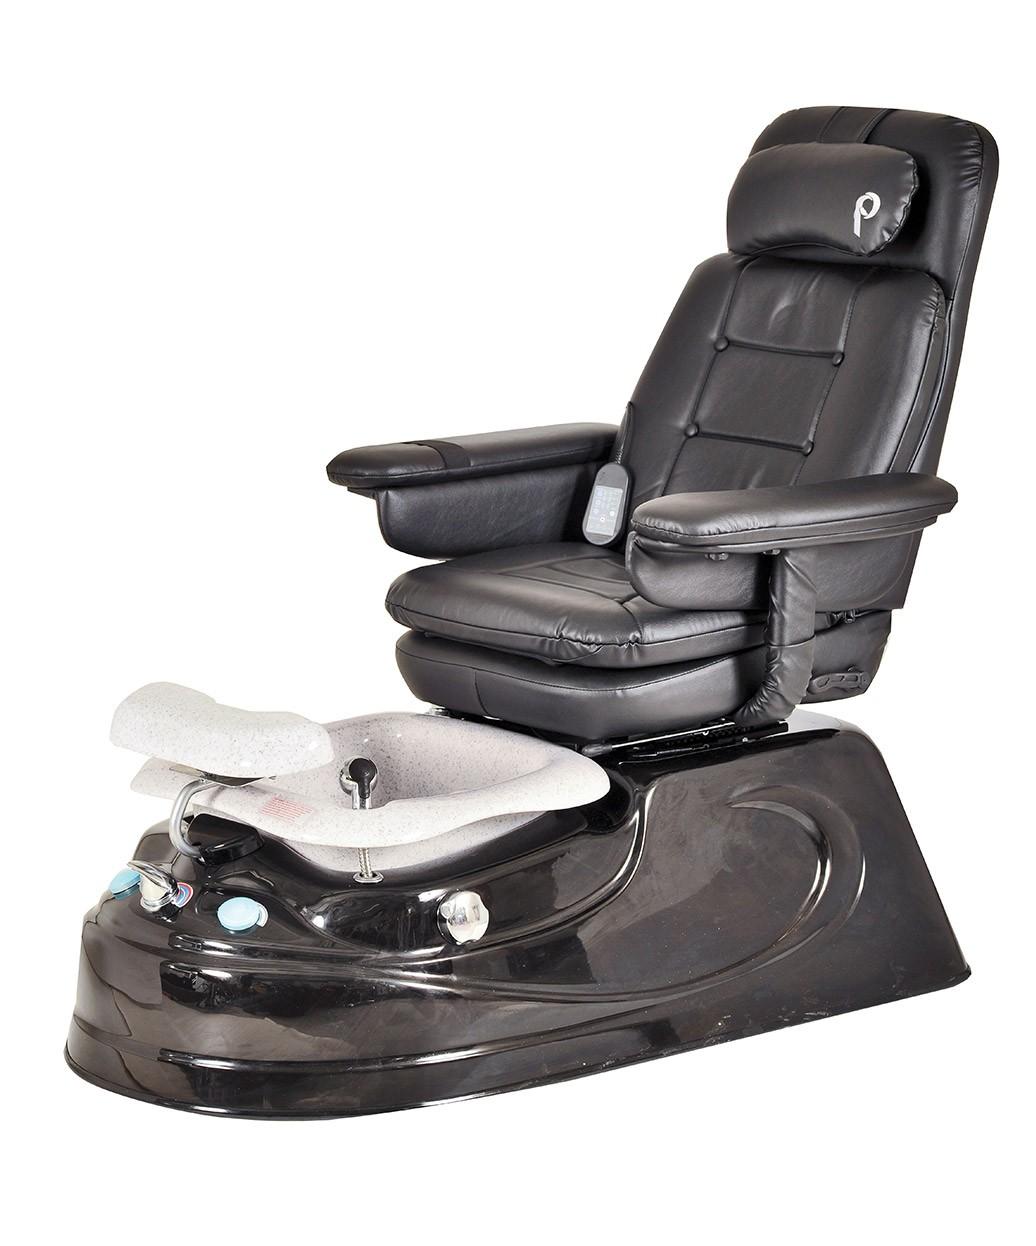 Pibbs PS74 Granito Pipeless Pedicure Spa